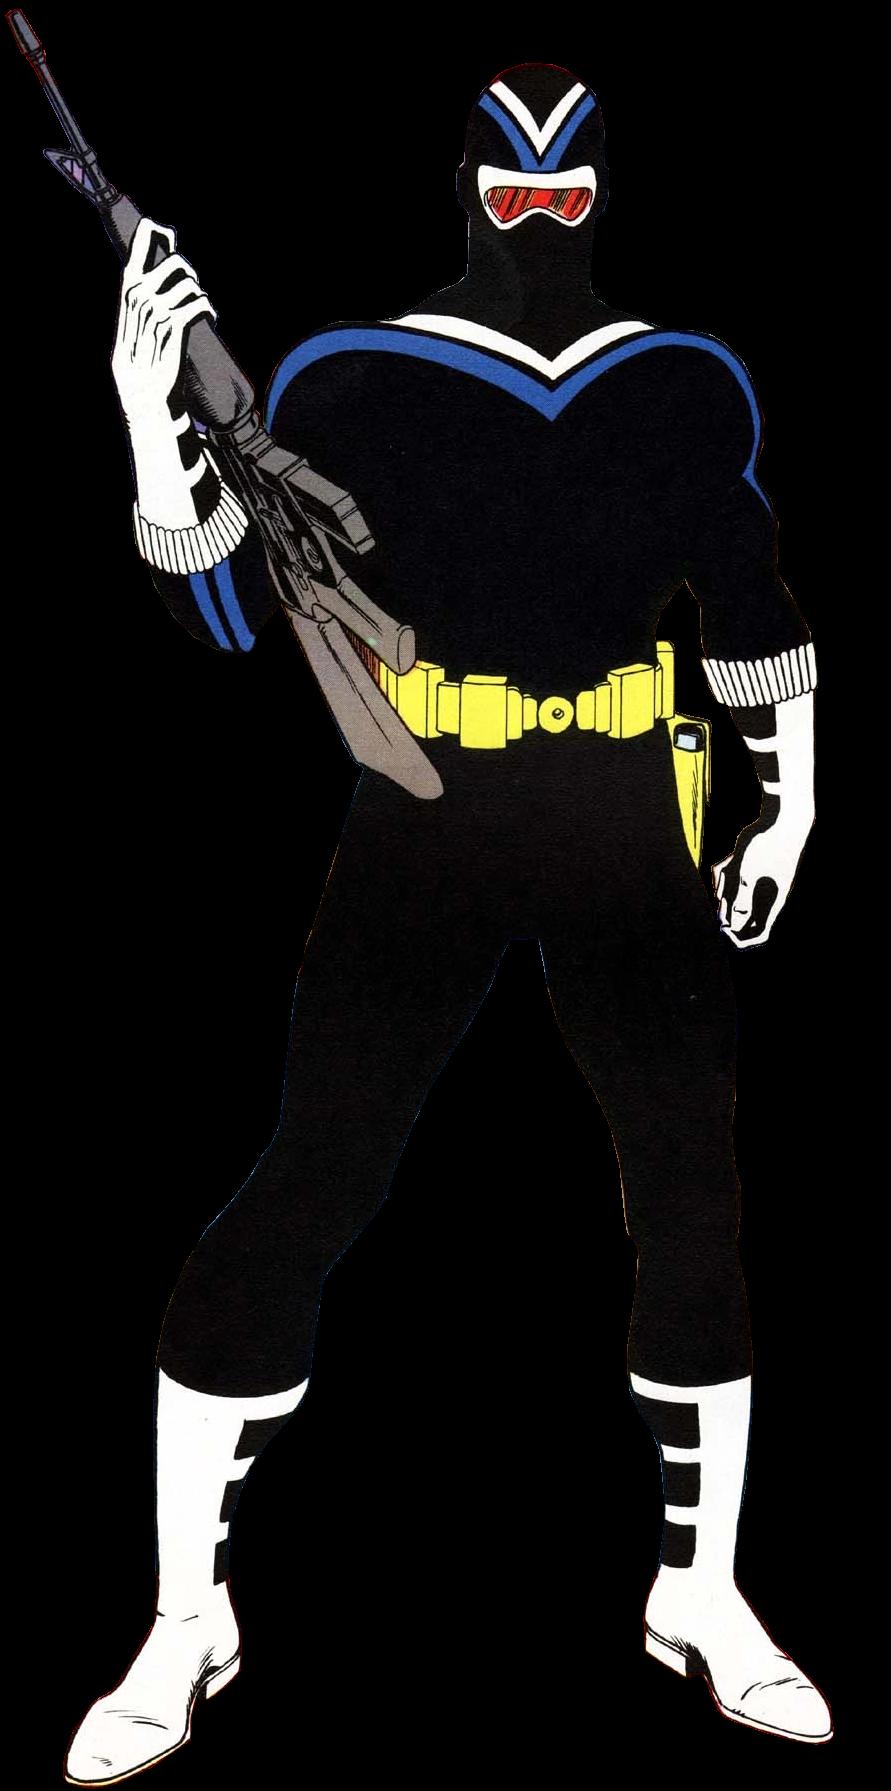 Vigilante (DC Comics)